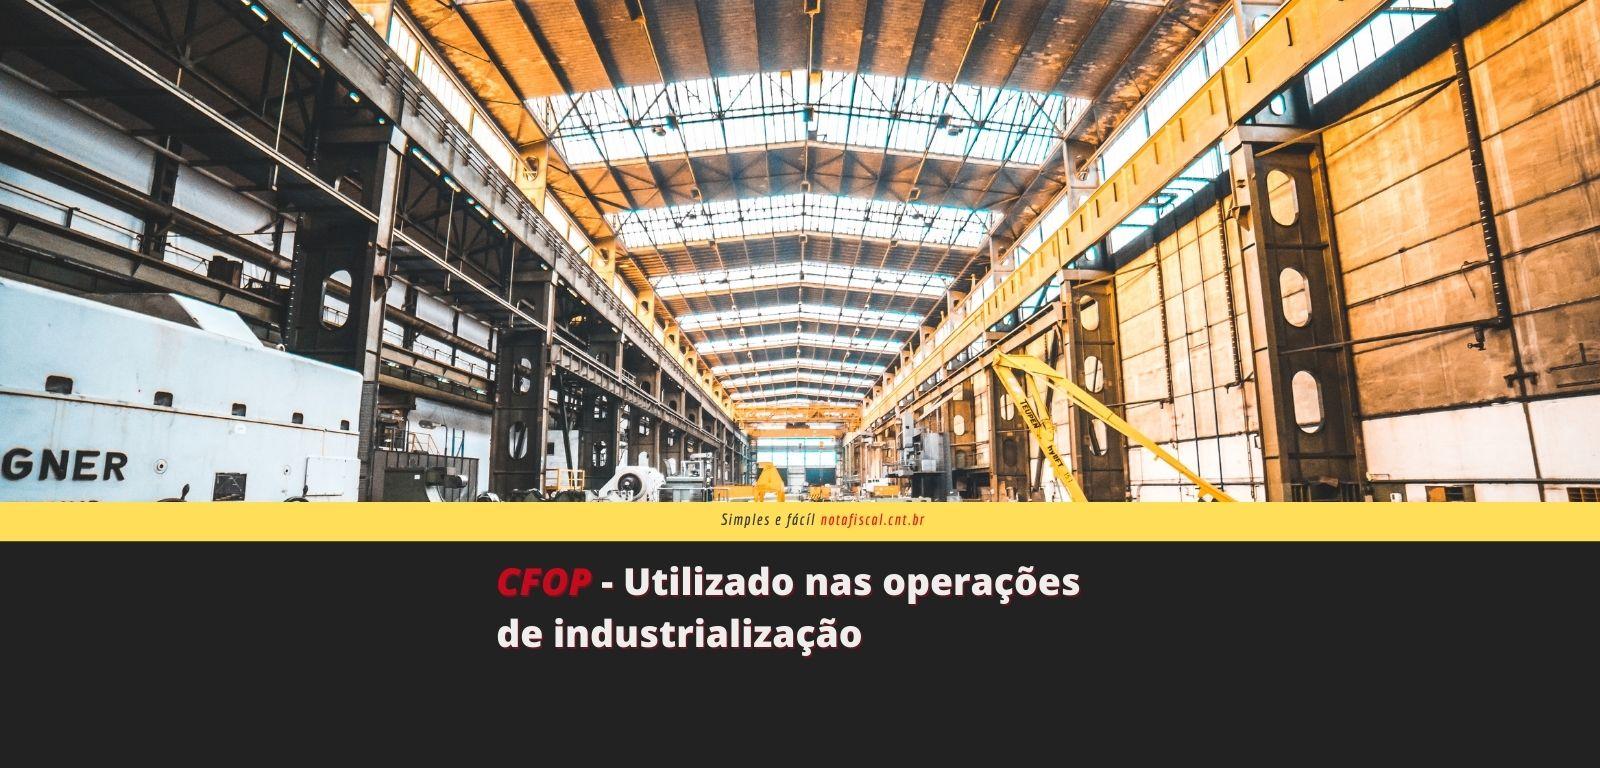 CFOP - Utilizado nas operações de industrialização